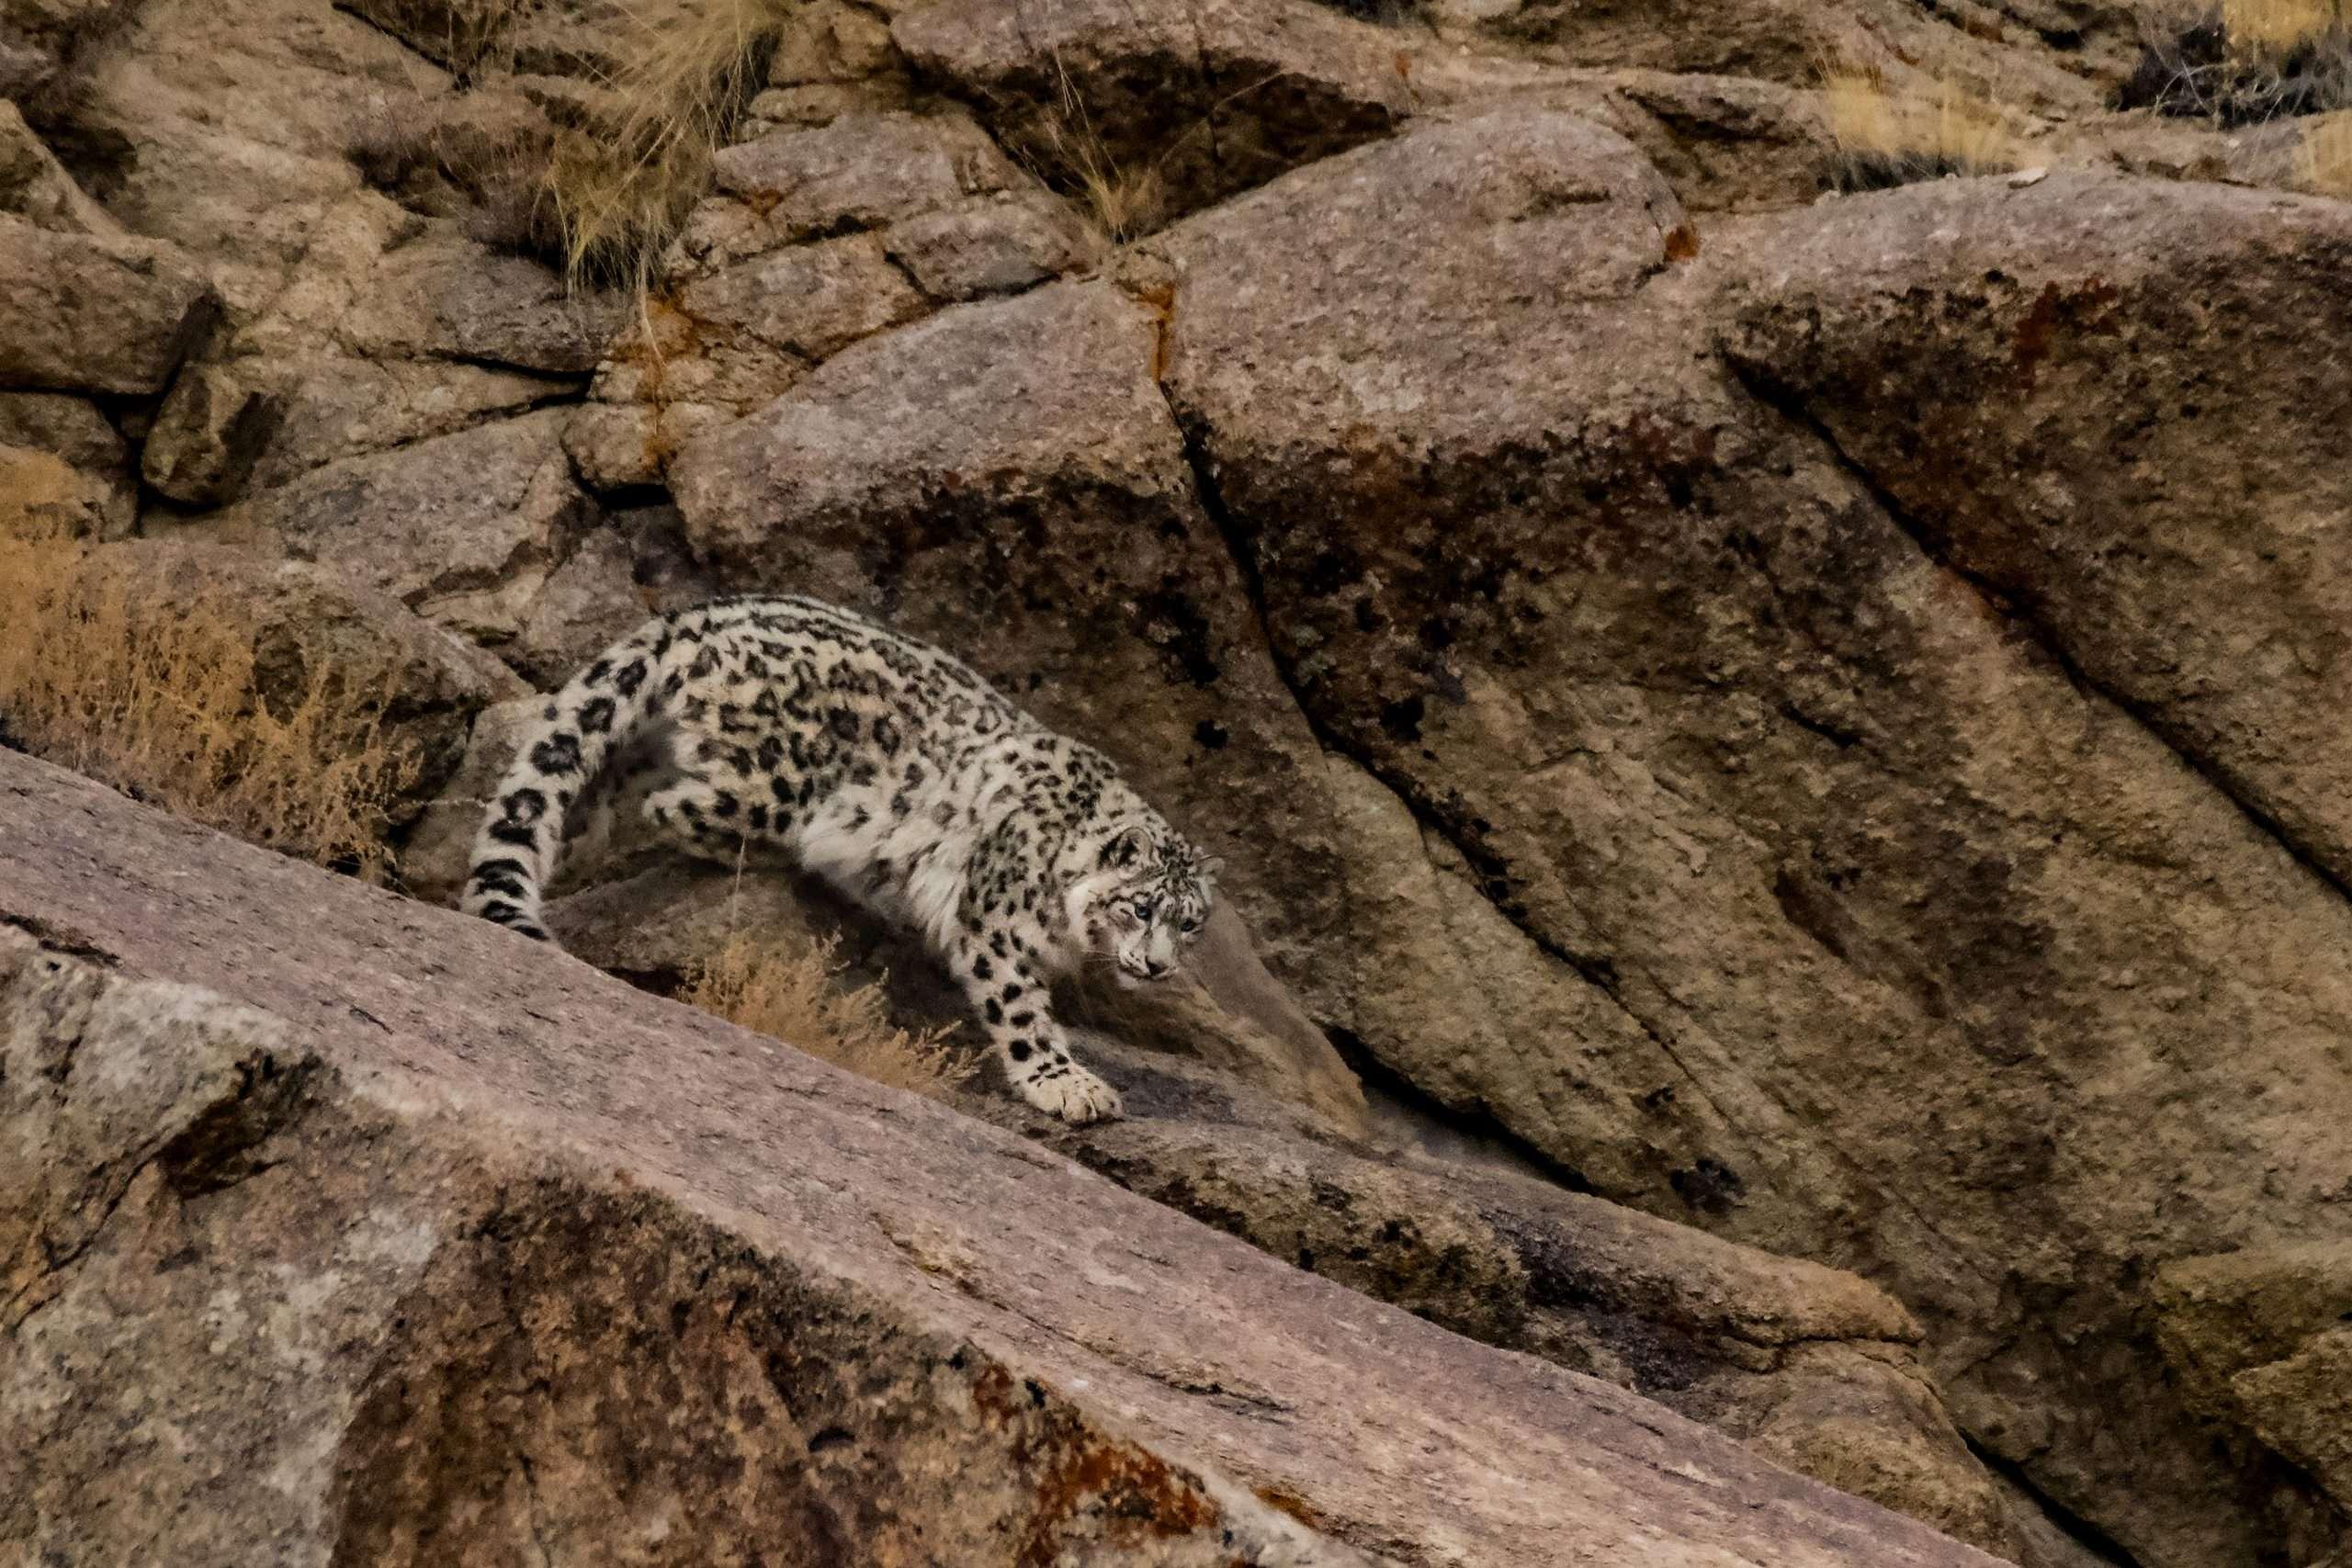 A Snow Leopard Descends